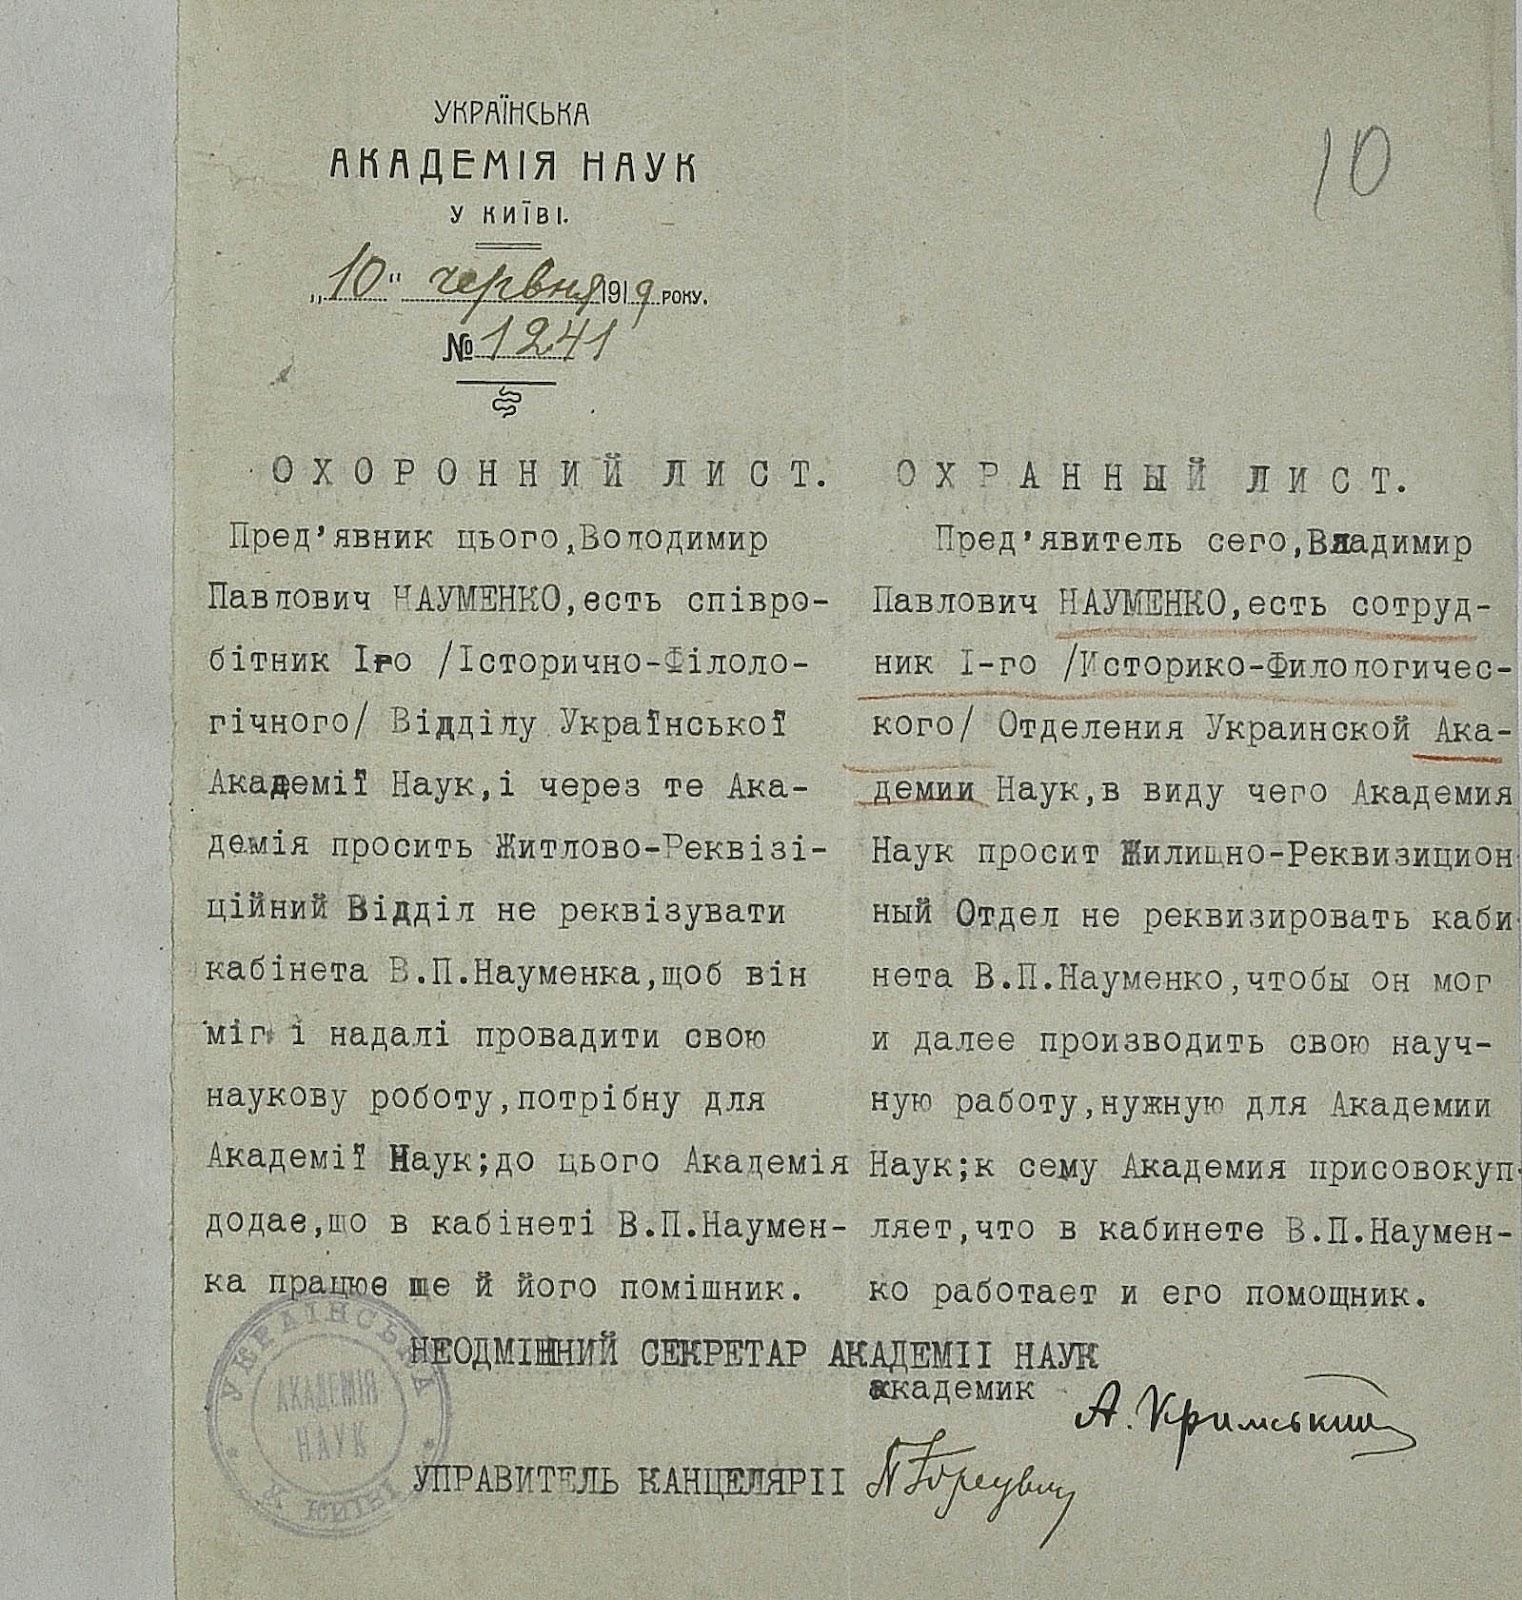 Охоронний лист, виданий Володимиру Науменку 10 червня 1919-го. Зберігається в архівно-кримінальній справі В.П.Науменка у Галузевому державному архіві СБУ